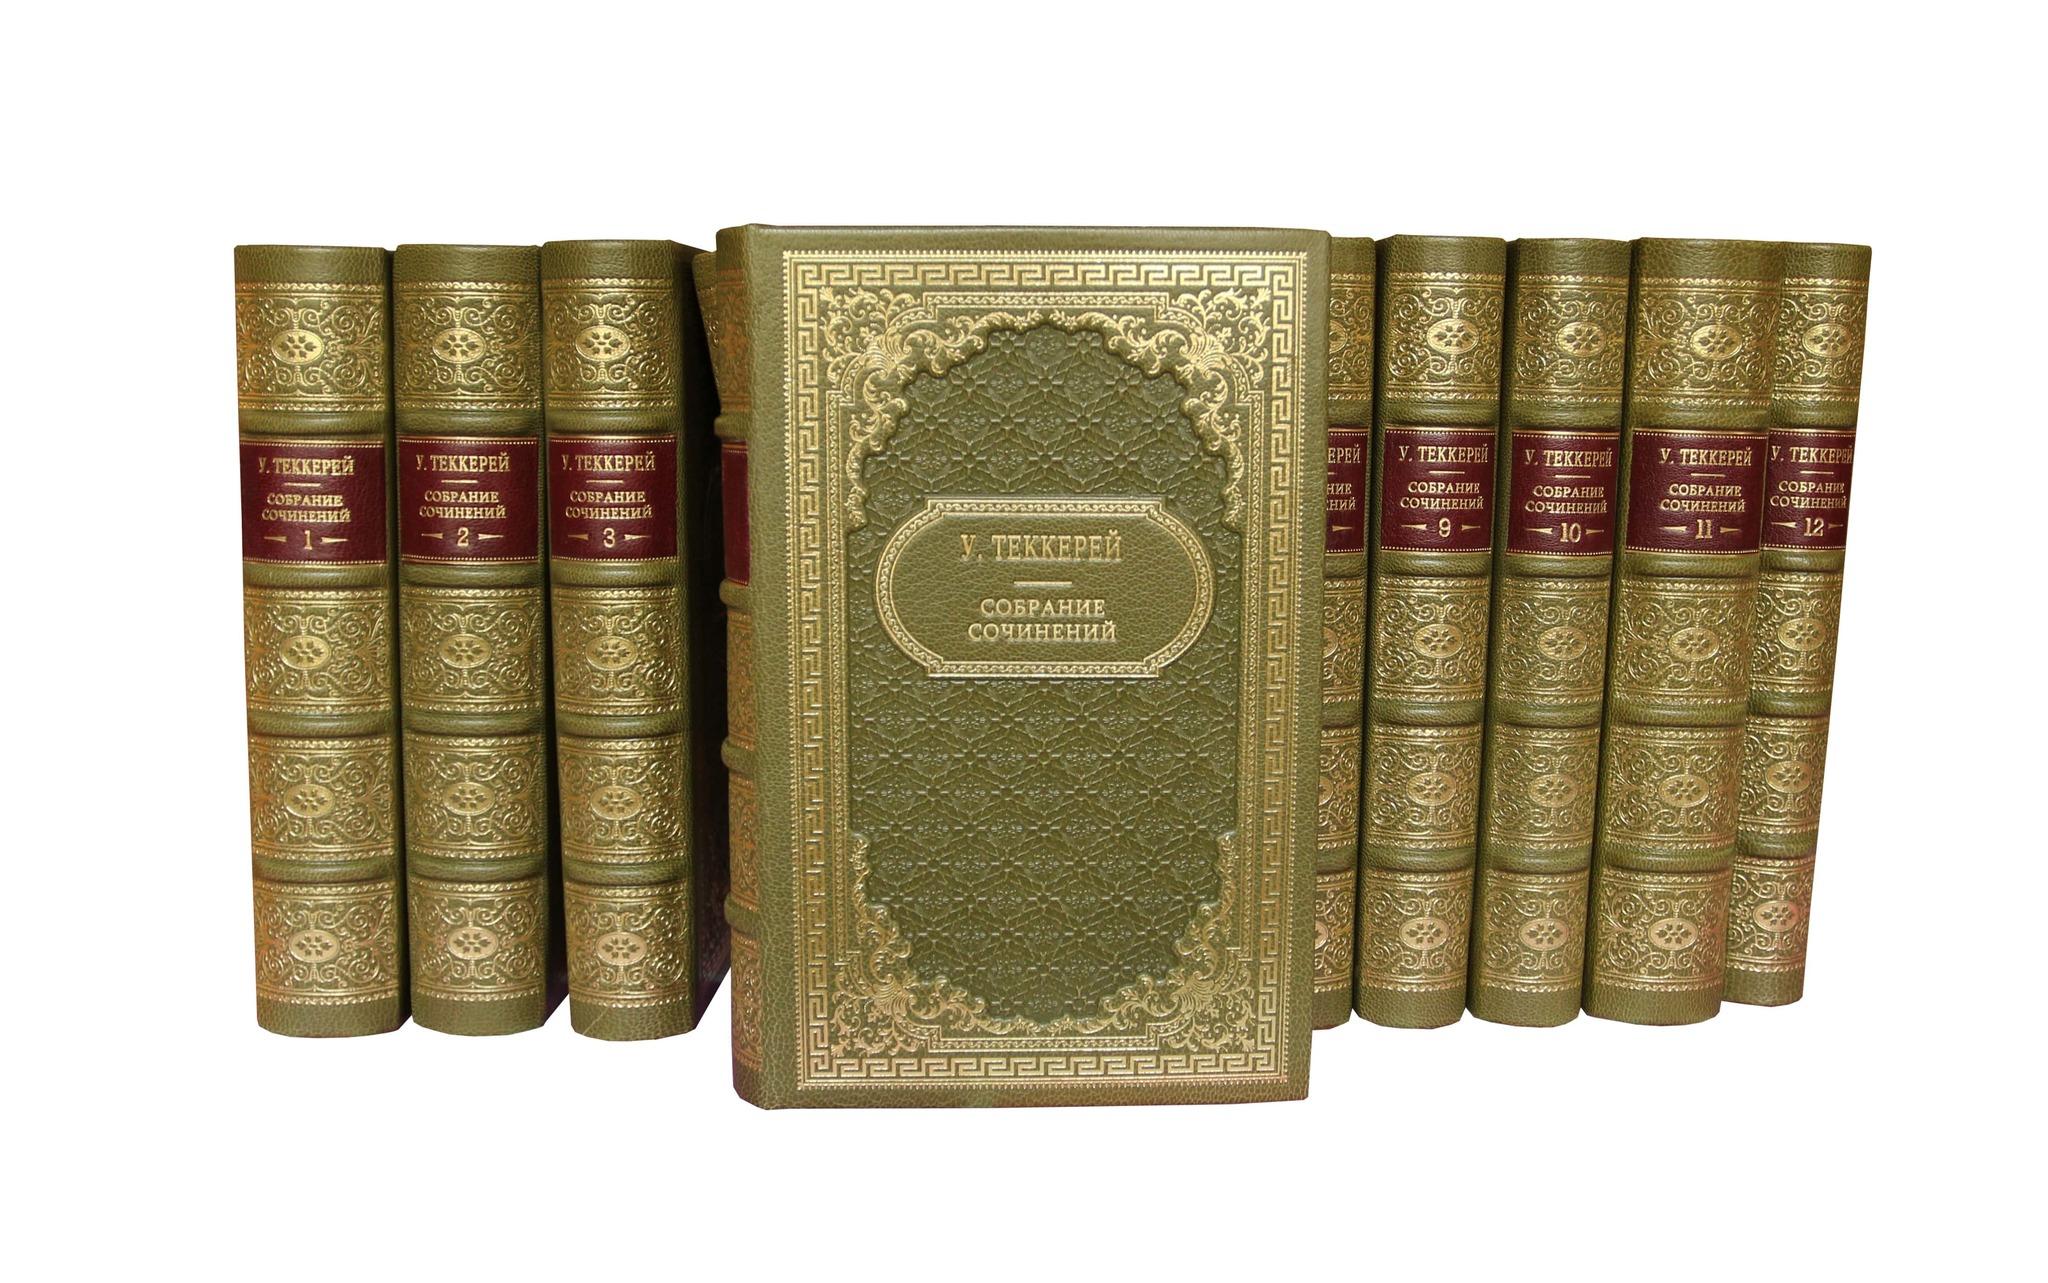 Теккерей У. Собрание сочинений в 12 томах